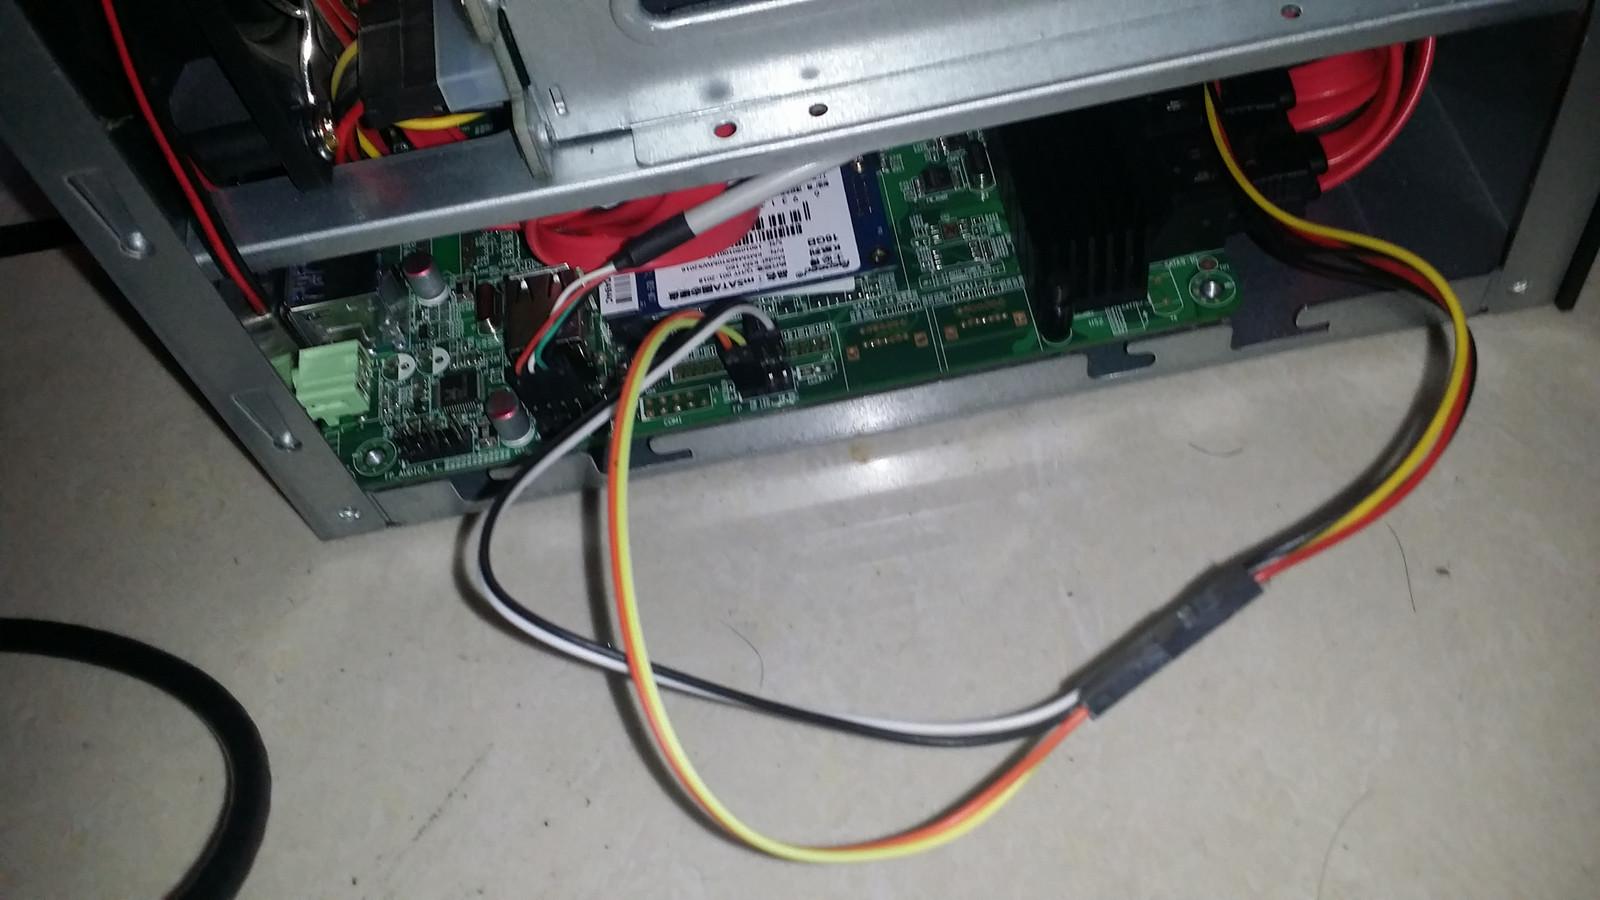 为了判断硬盘状态,还用这种奇葩方法把机箱前面的电源灯换成了硬盘等,因为机箱前面板没有硬盘灯